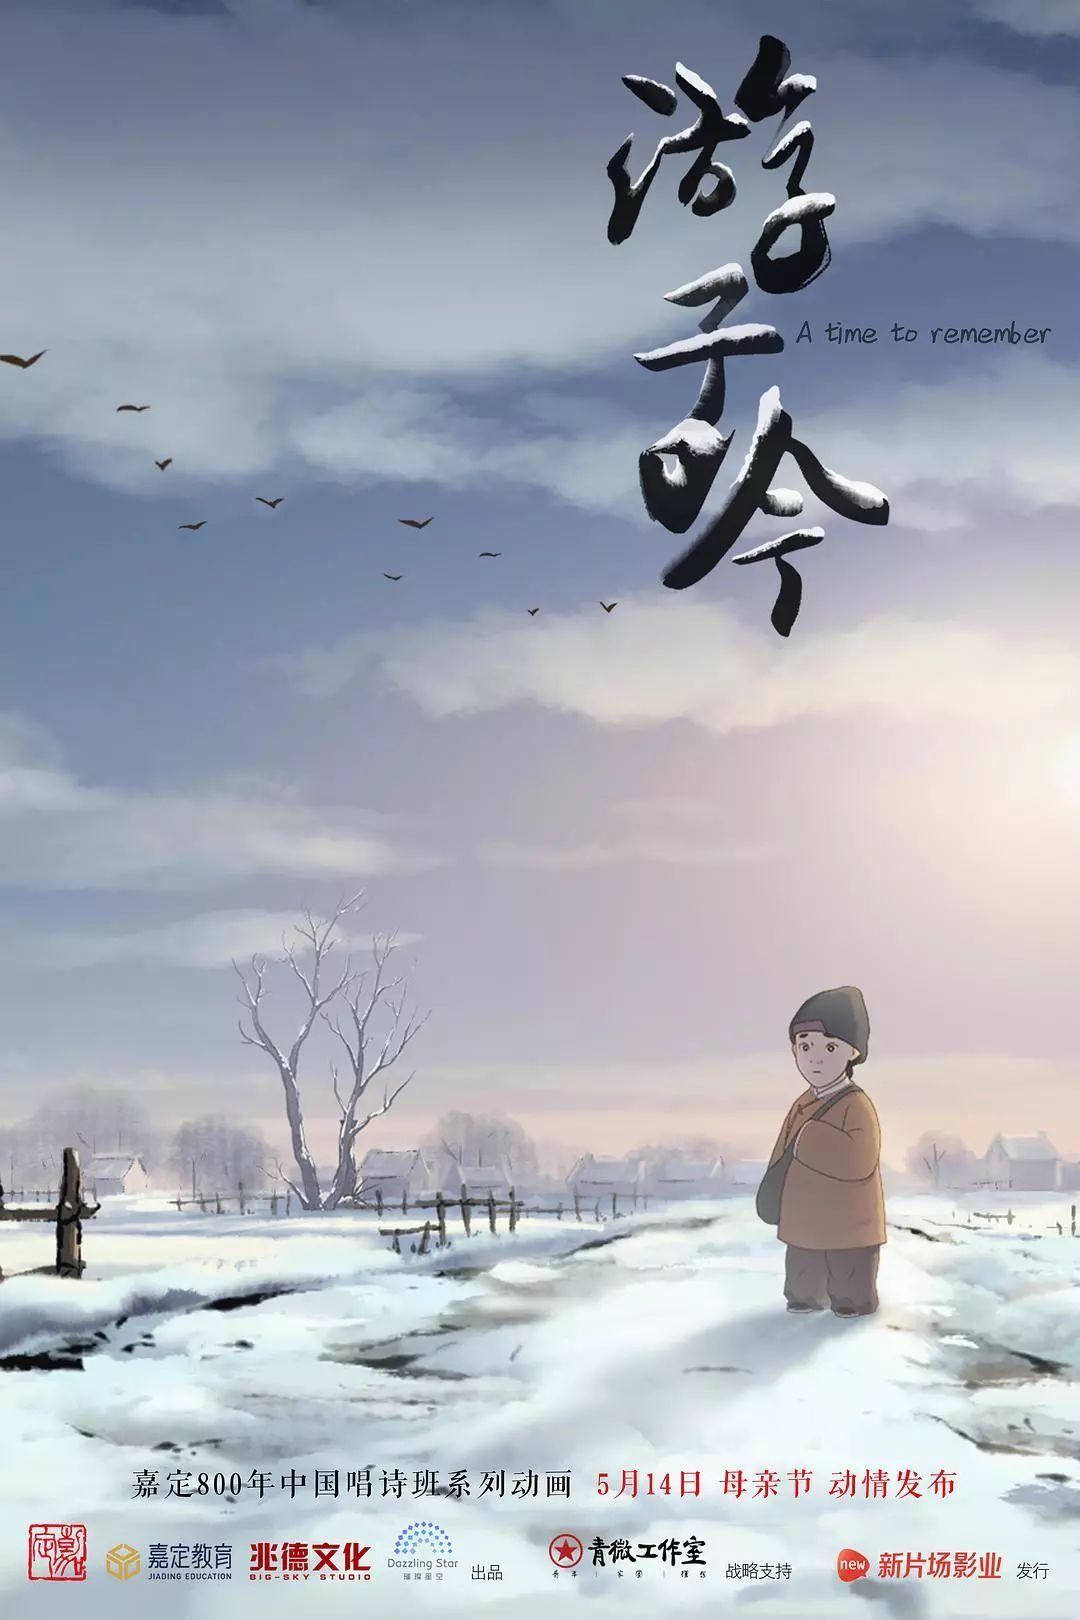 【怒马】20部超好看的国产动画短片,画风简直美炸(附链接)